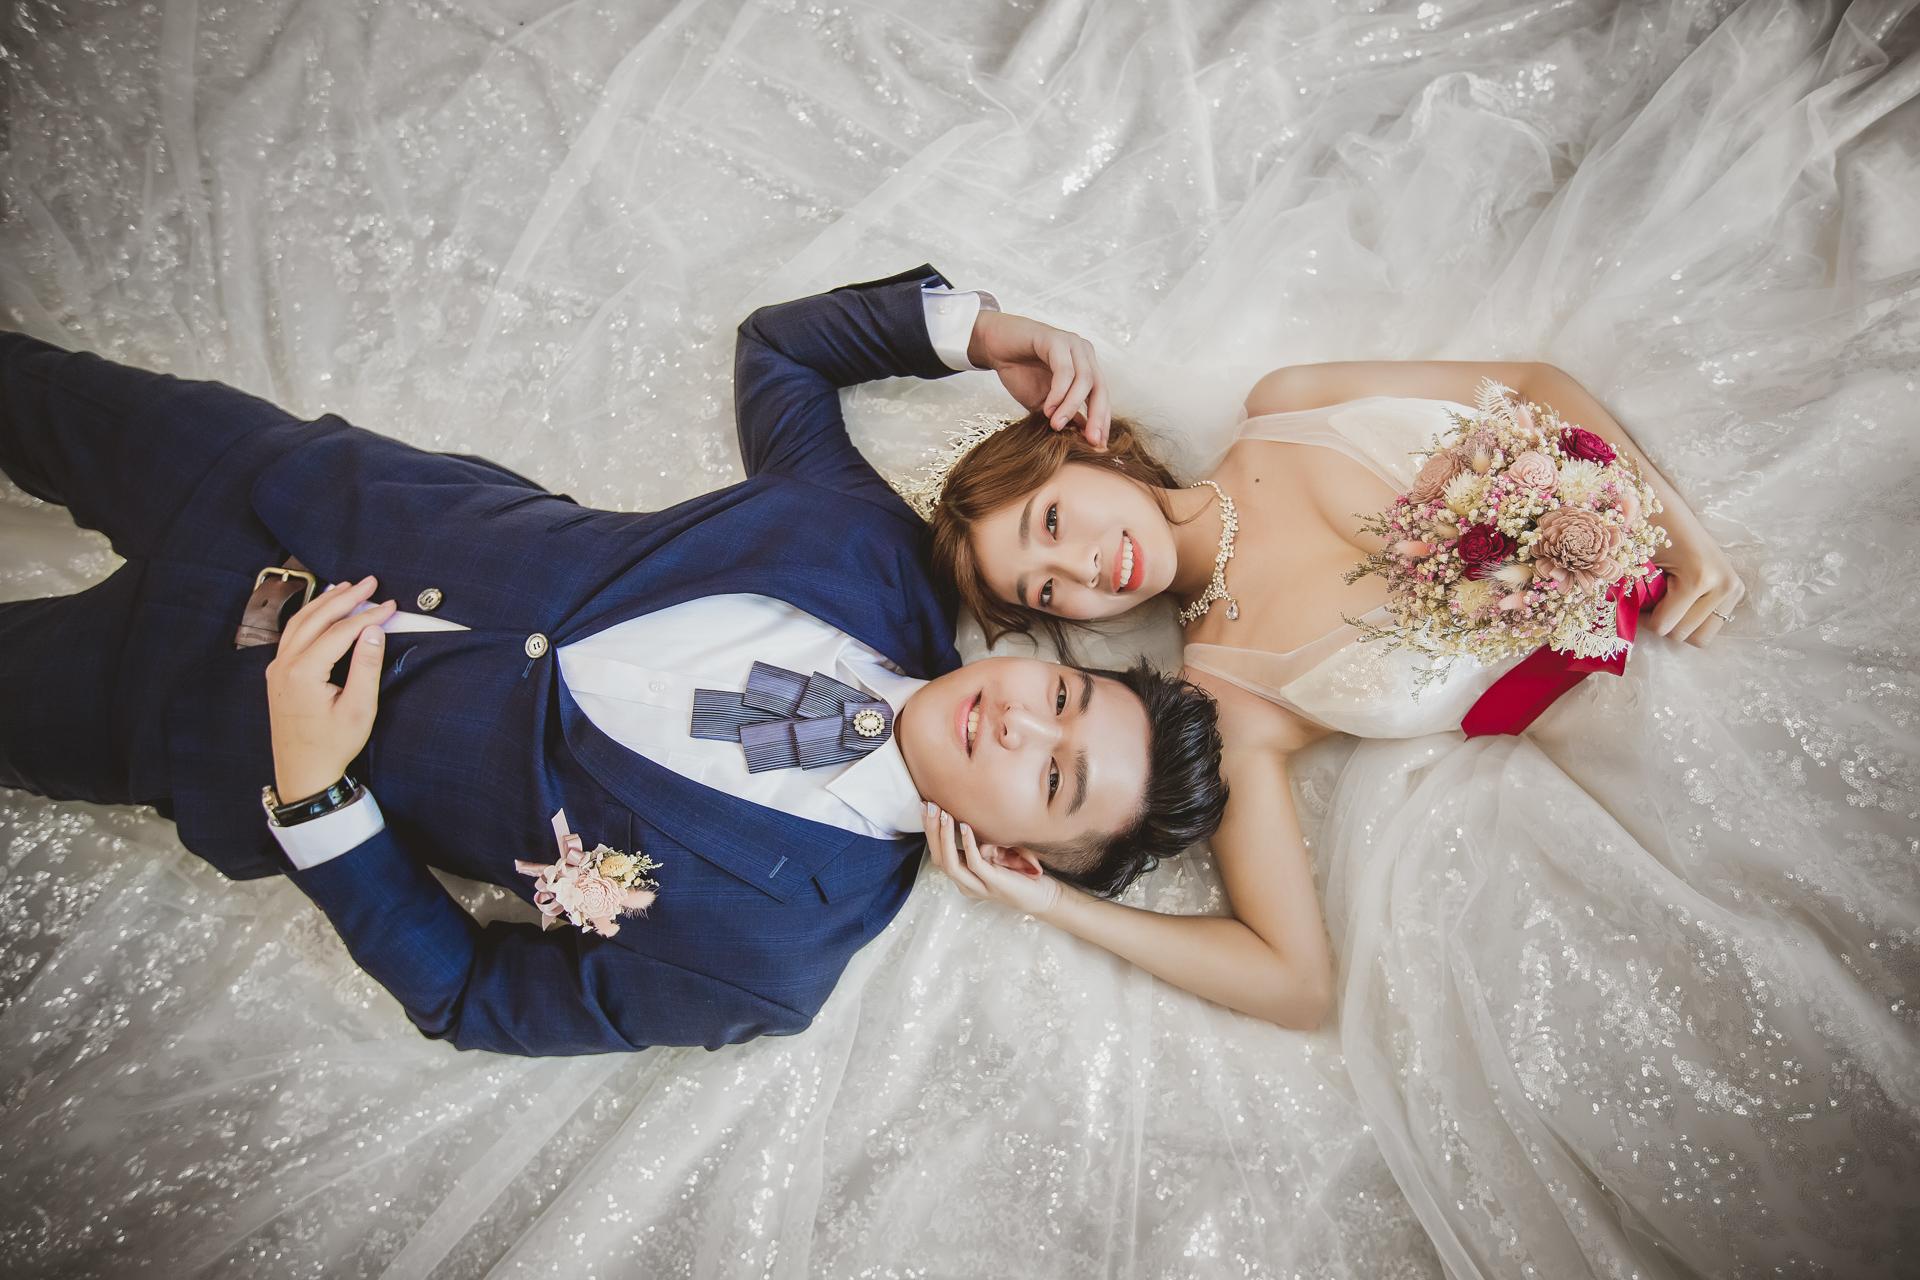 [子洋❤羽涵] 結婚之囍@南投寶旺萊6號花園酒店